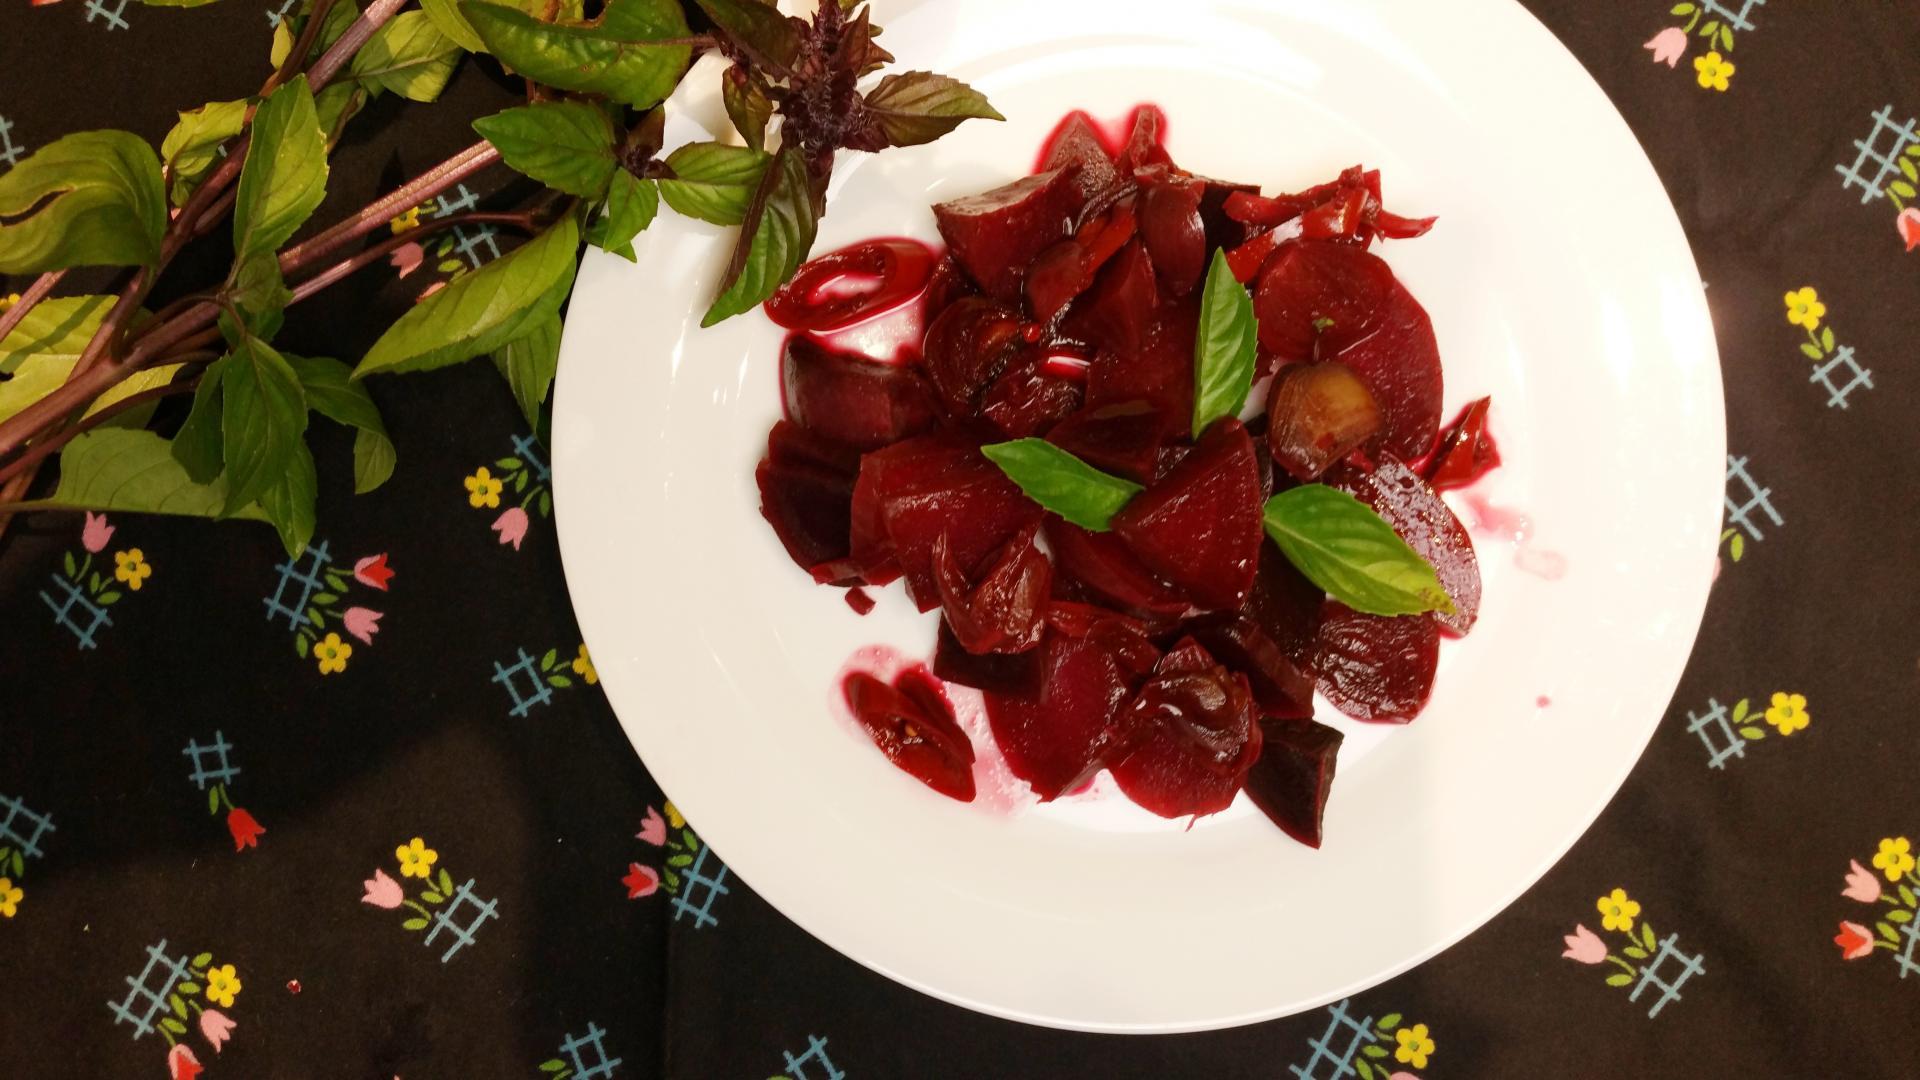 bietjes met peper en thaise basilicum